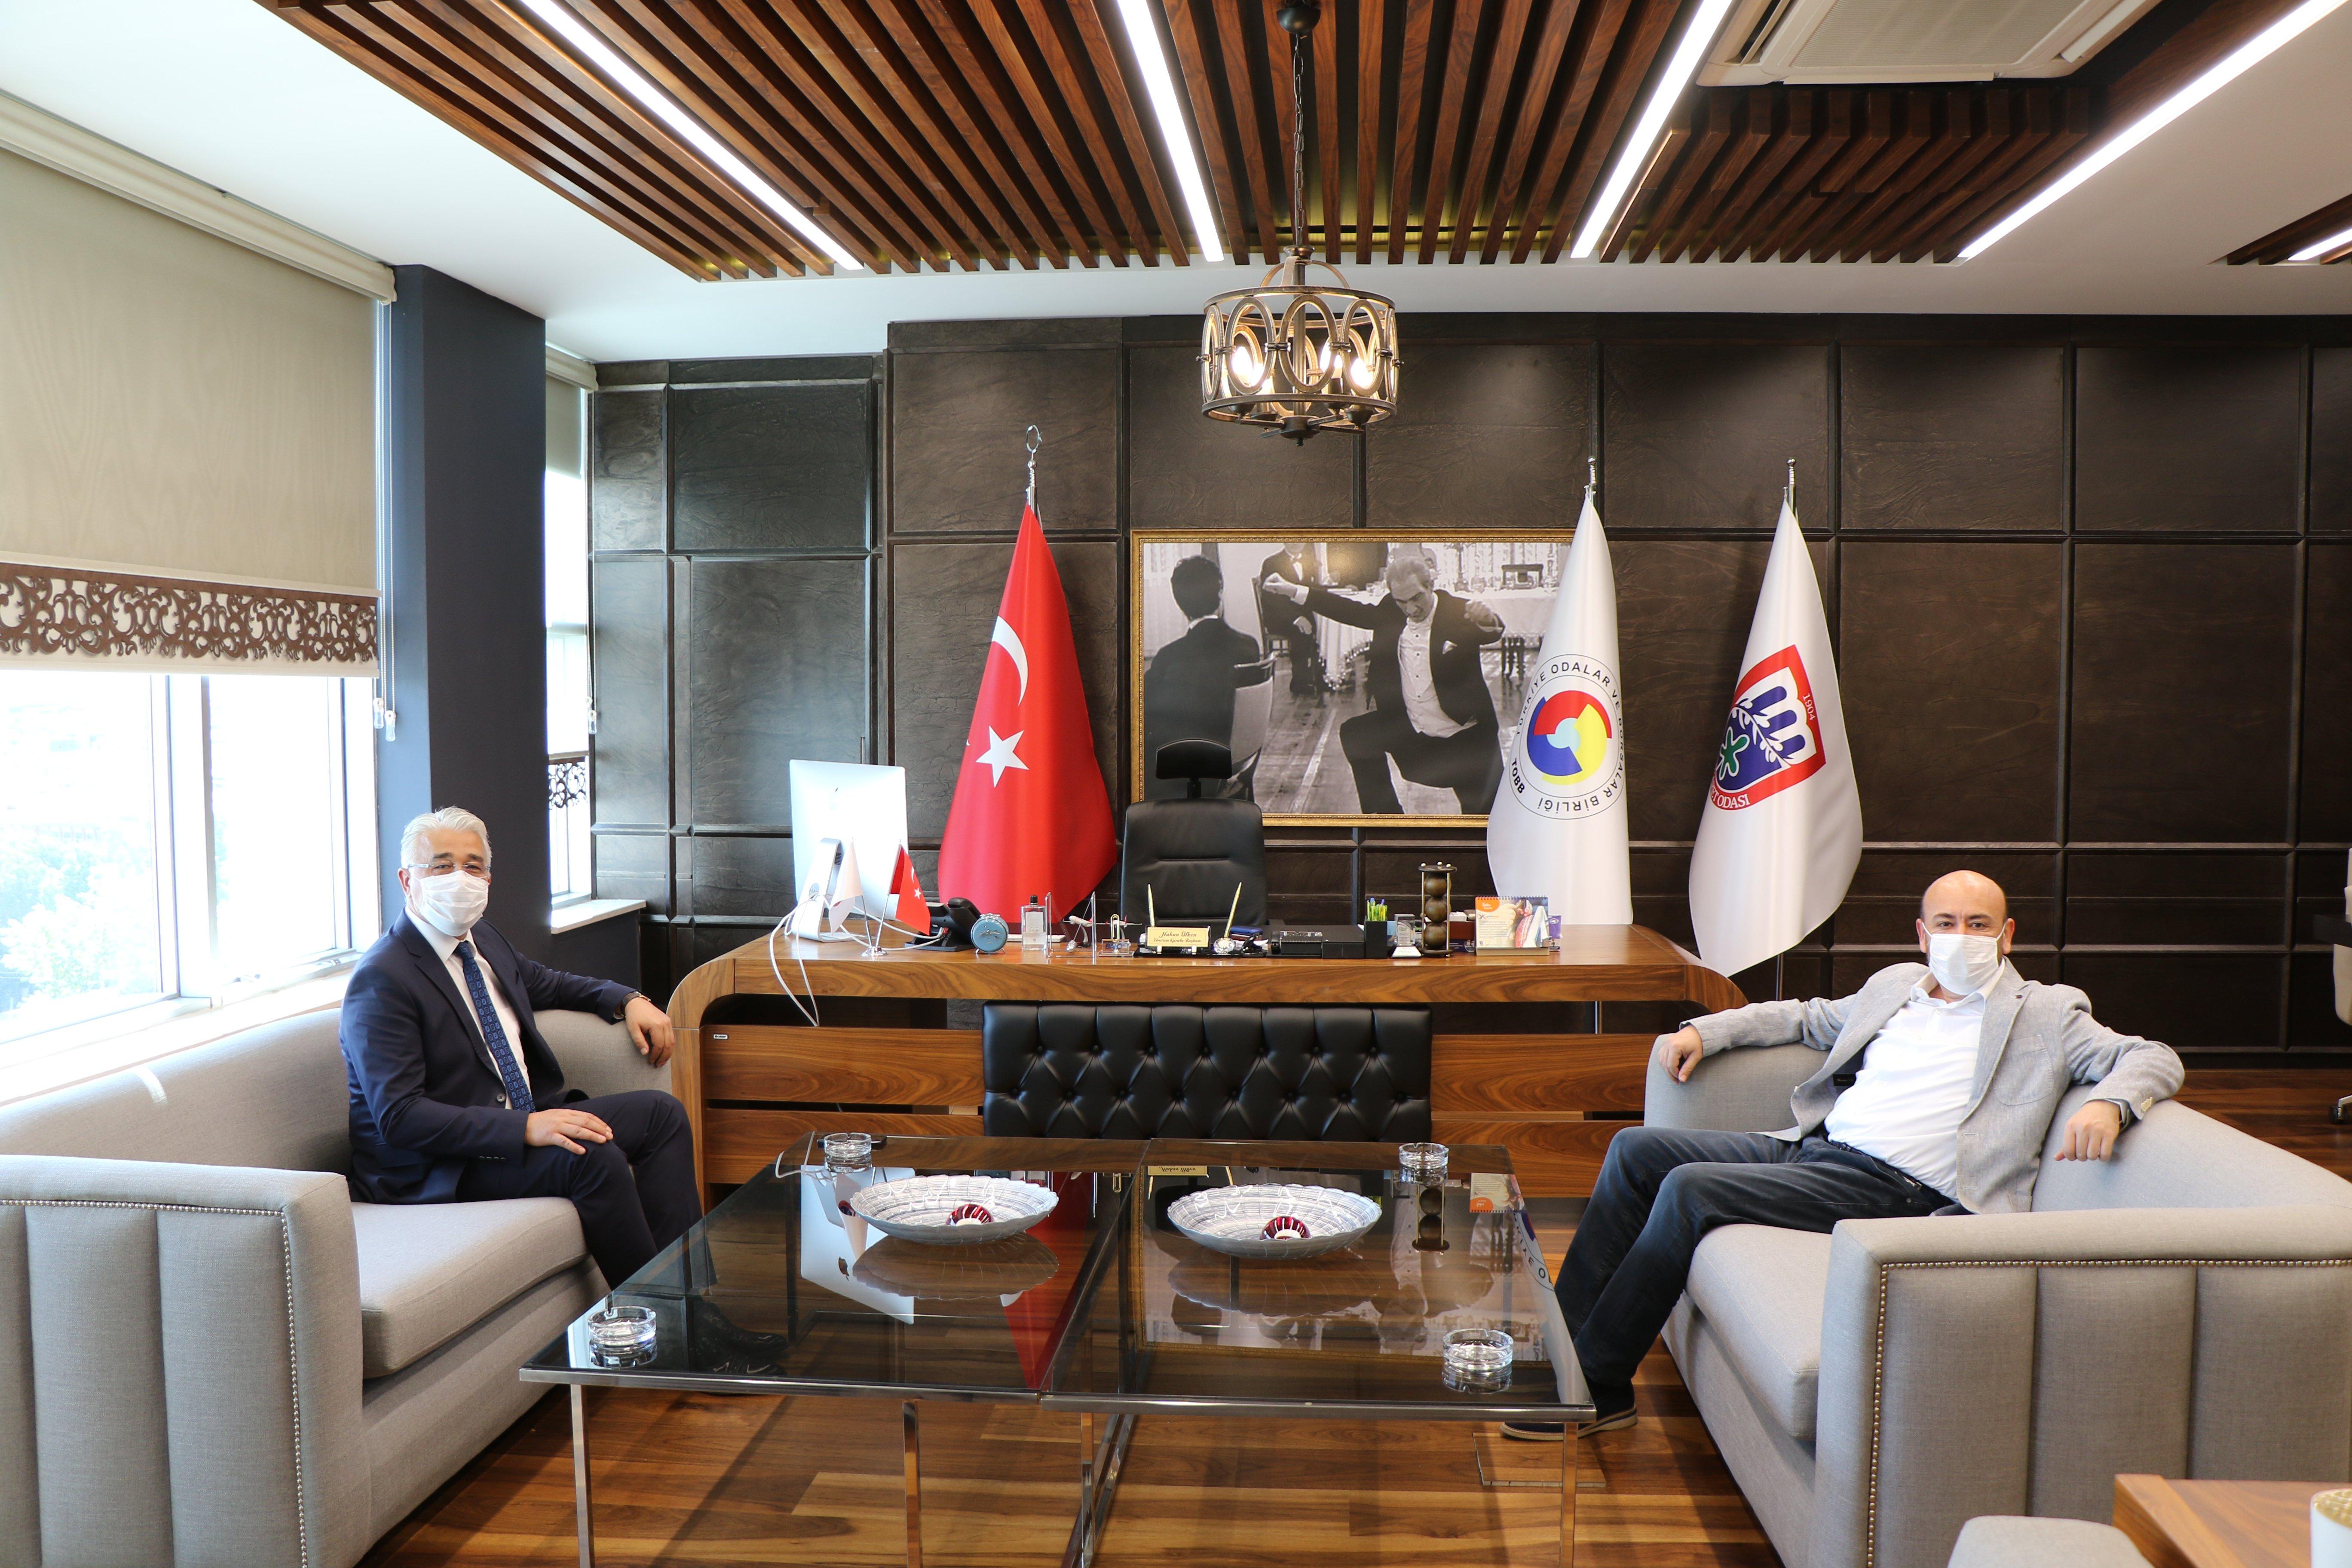 Aydın İl Emniyet Müdürümüz Sayın Mehmet Suat EKİCİ, TOBB Yönetim Kurulu Üyesi ve Odamız Başkanı Hakan ÜLKEN'e ziyarette bulundu.